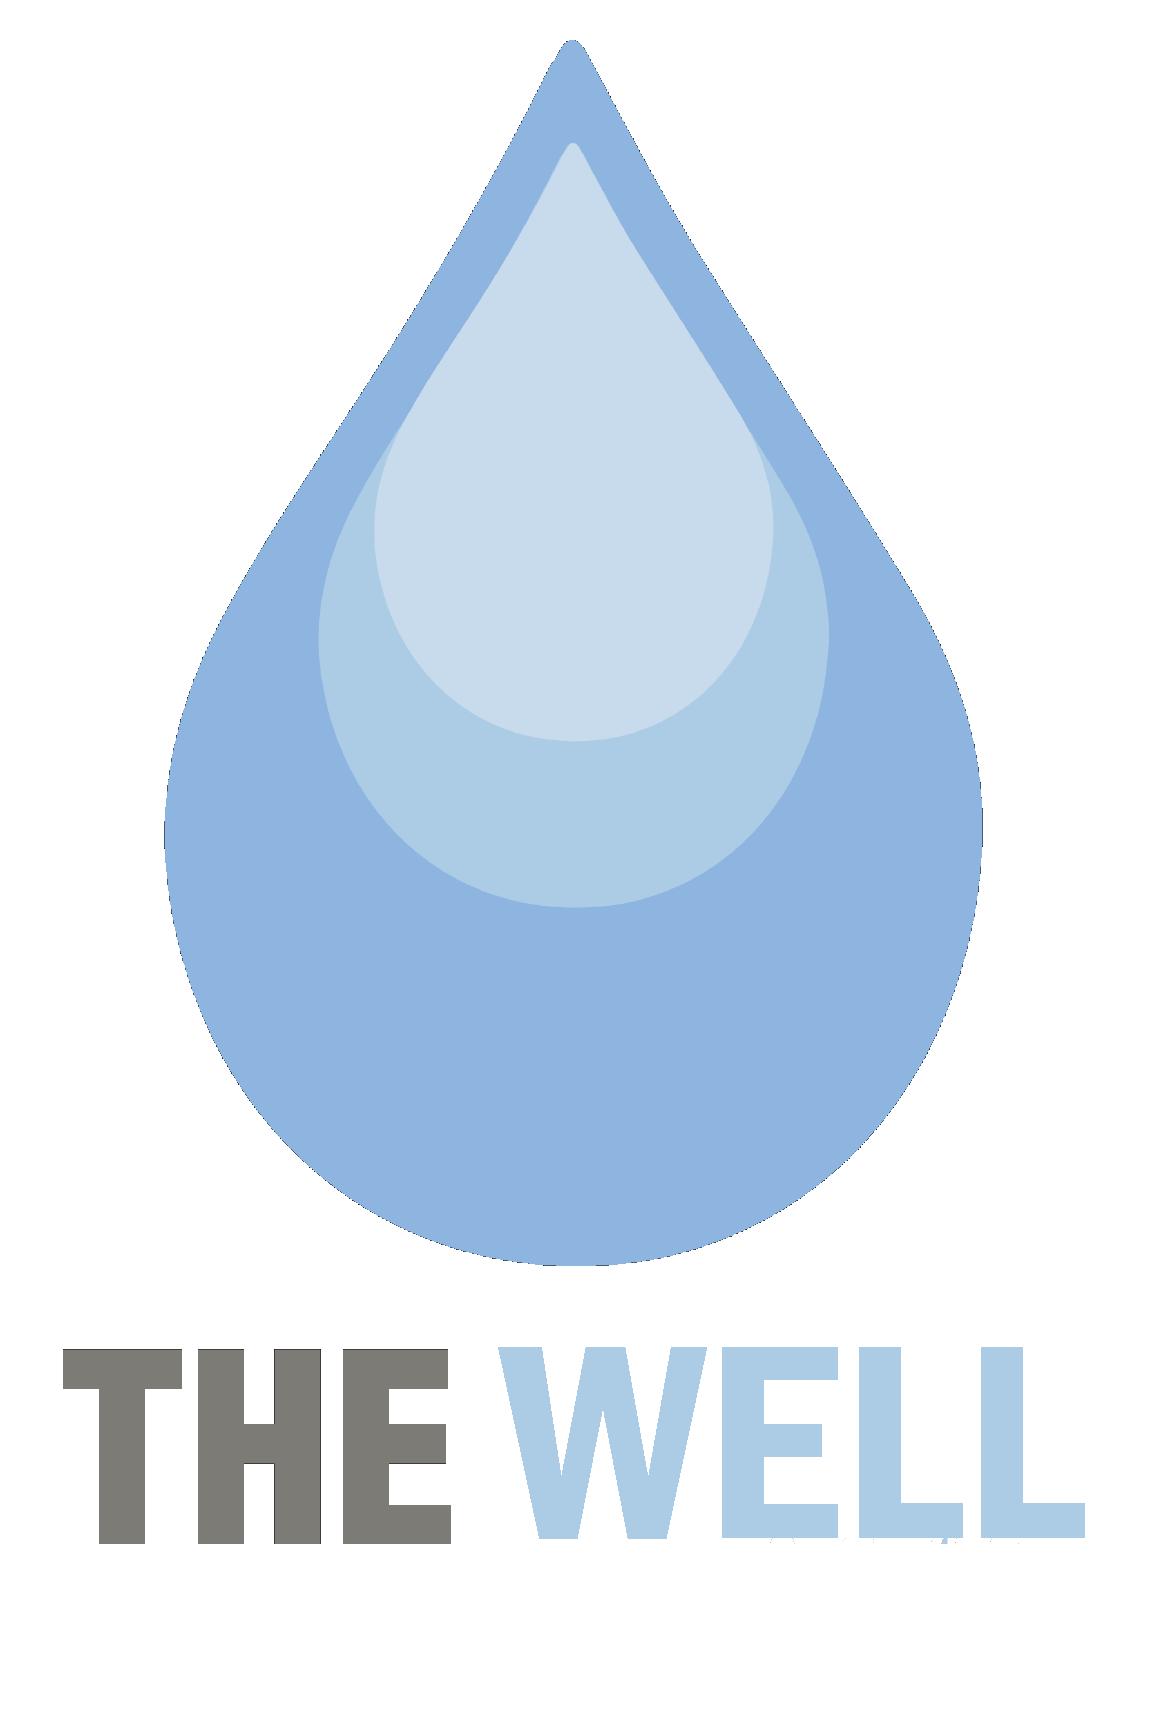 The-Well-final-logo